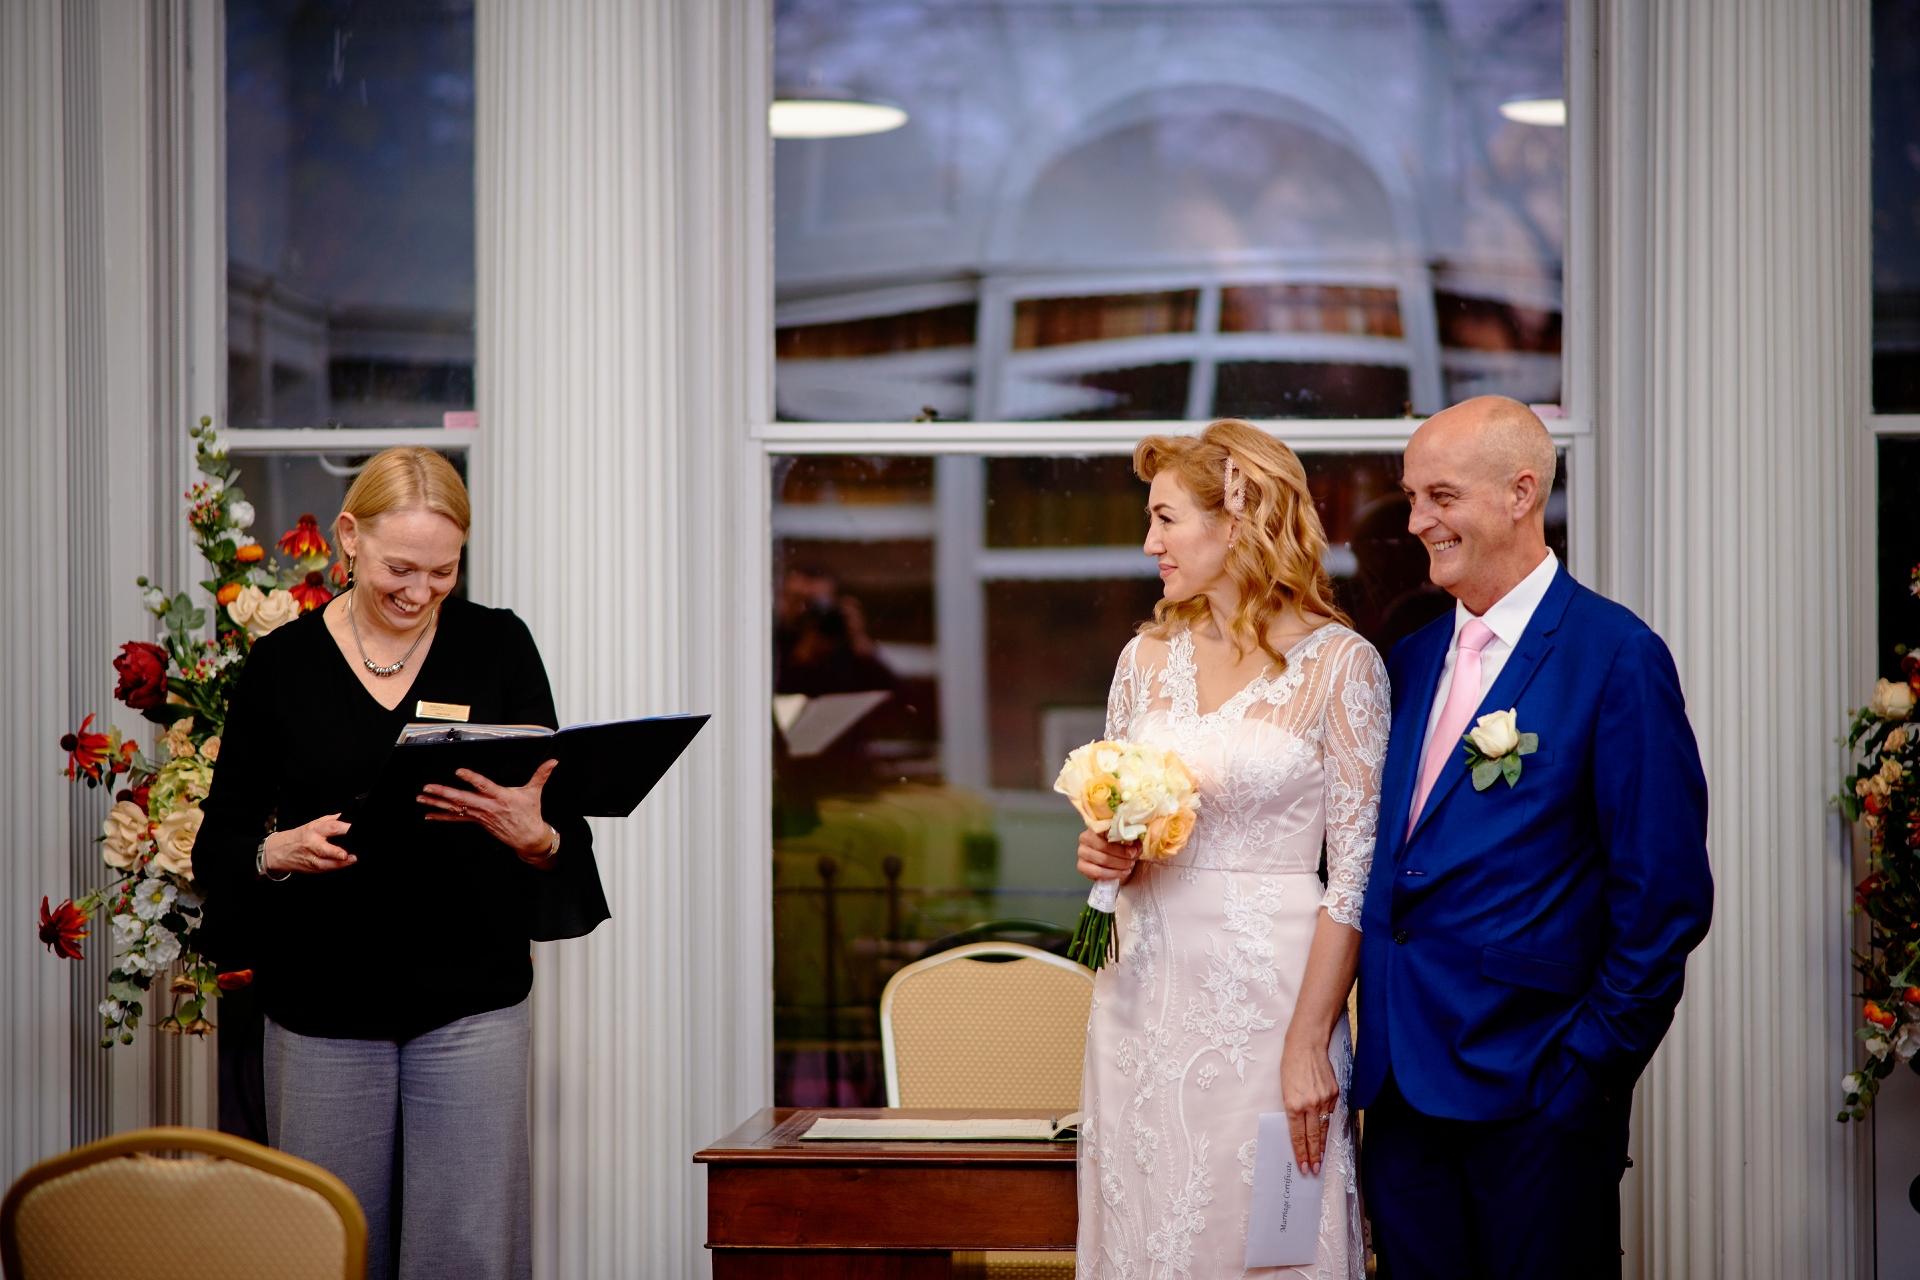 Salisbury, Engeland, Verenigd Koninkrijk Fotografie | Sta alstublieft op en verwelkom het nieuwe paar